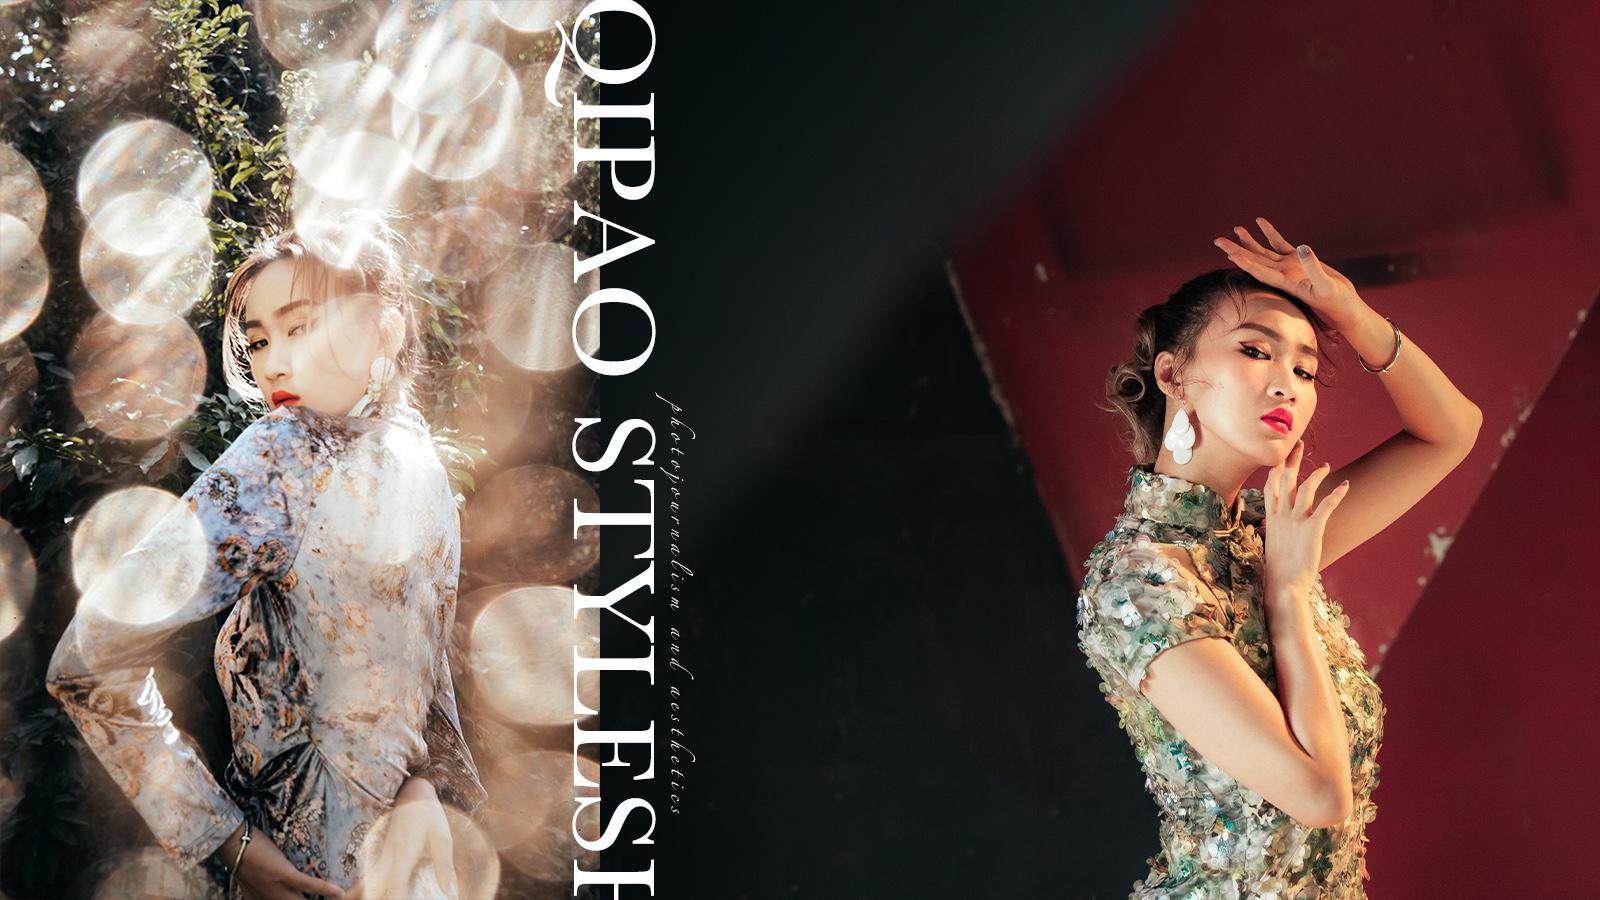 【絕色】|Qipao Styleshoot|旗袍人像攝影